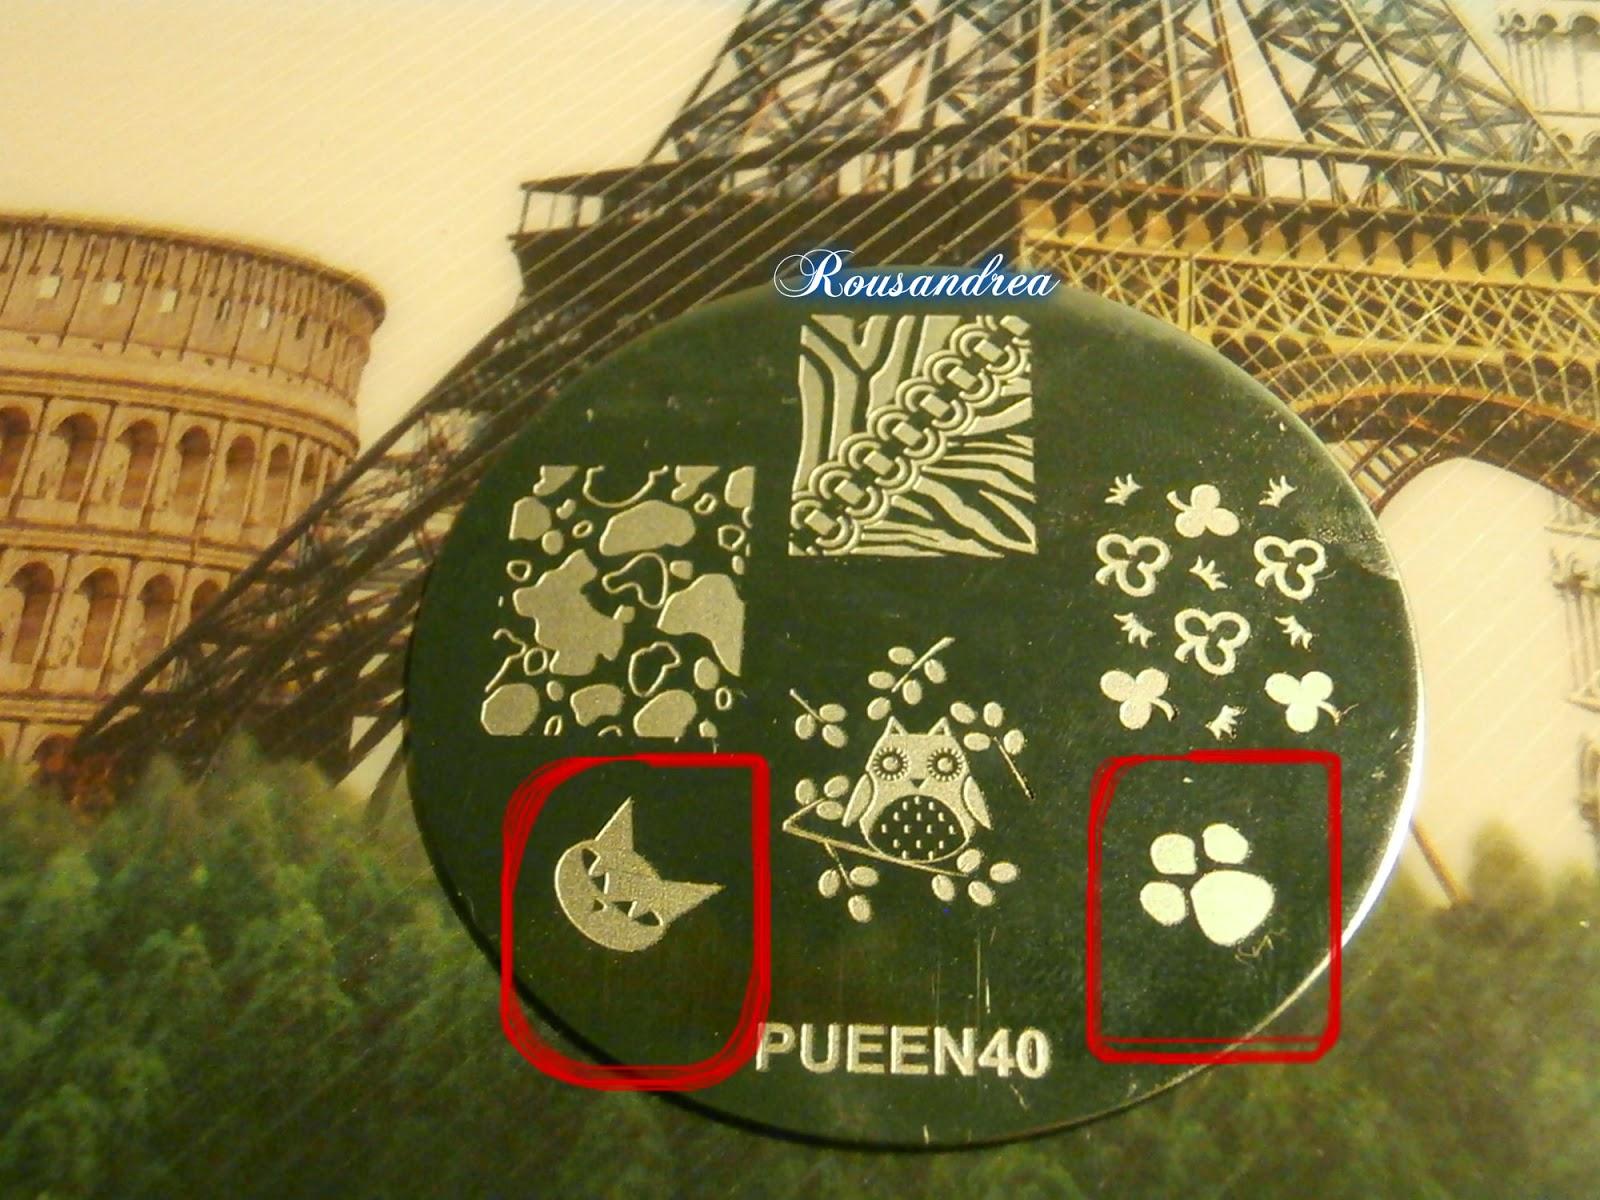 El cajon de los esmaltes de rousandrea: Manicura HUELLAS con ...